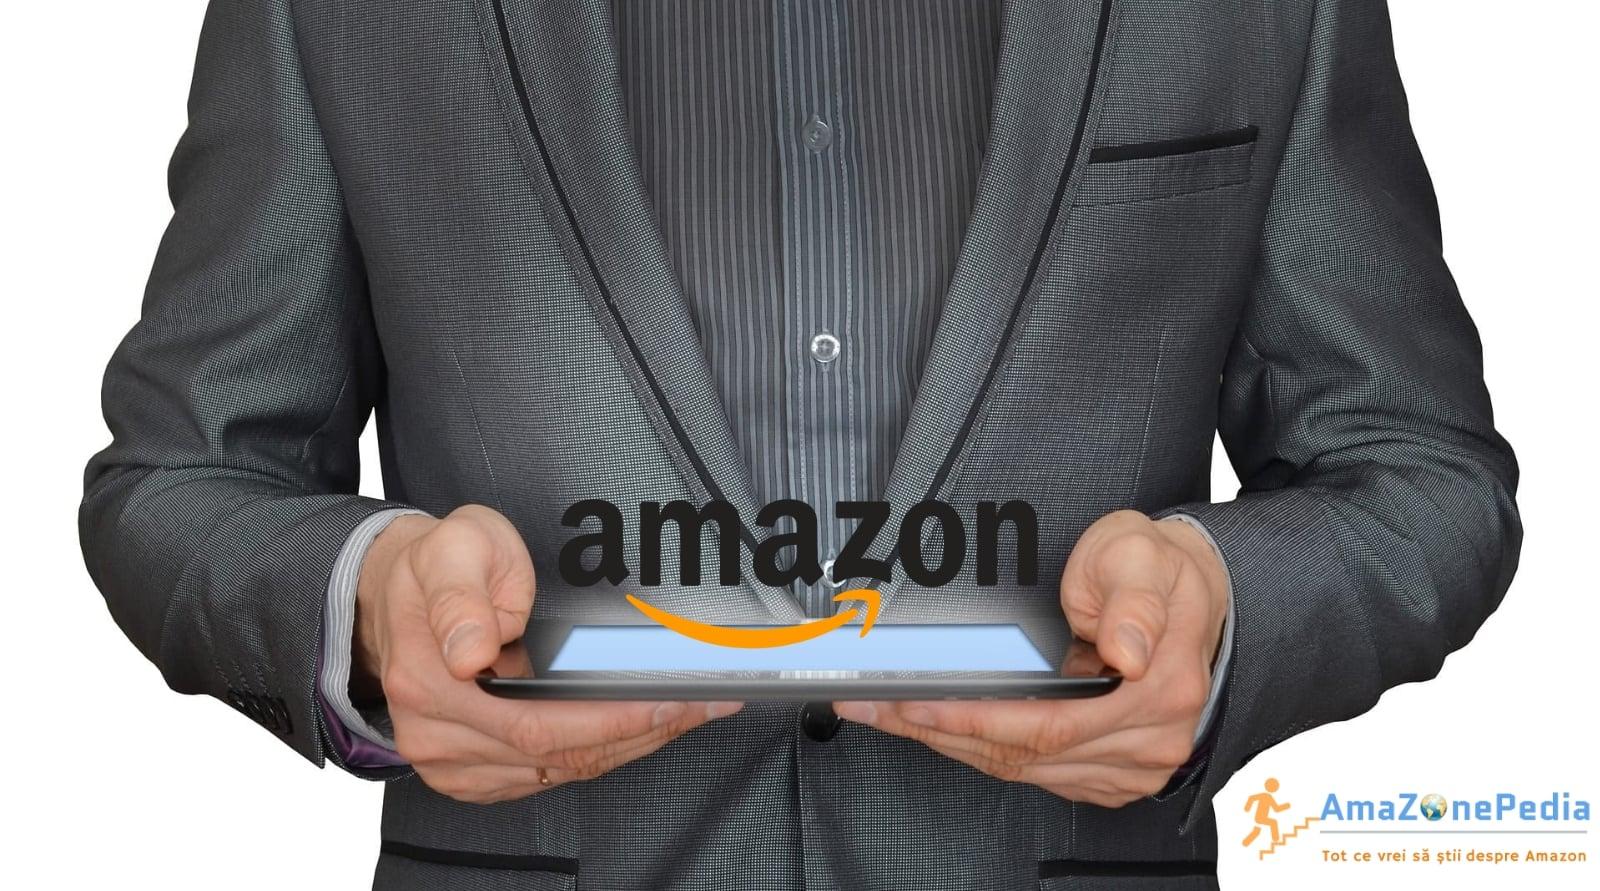 Amazonepedia - Client Amazon